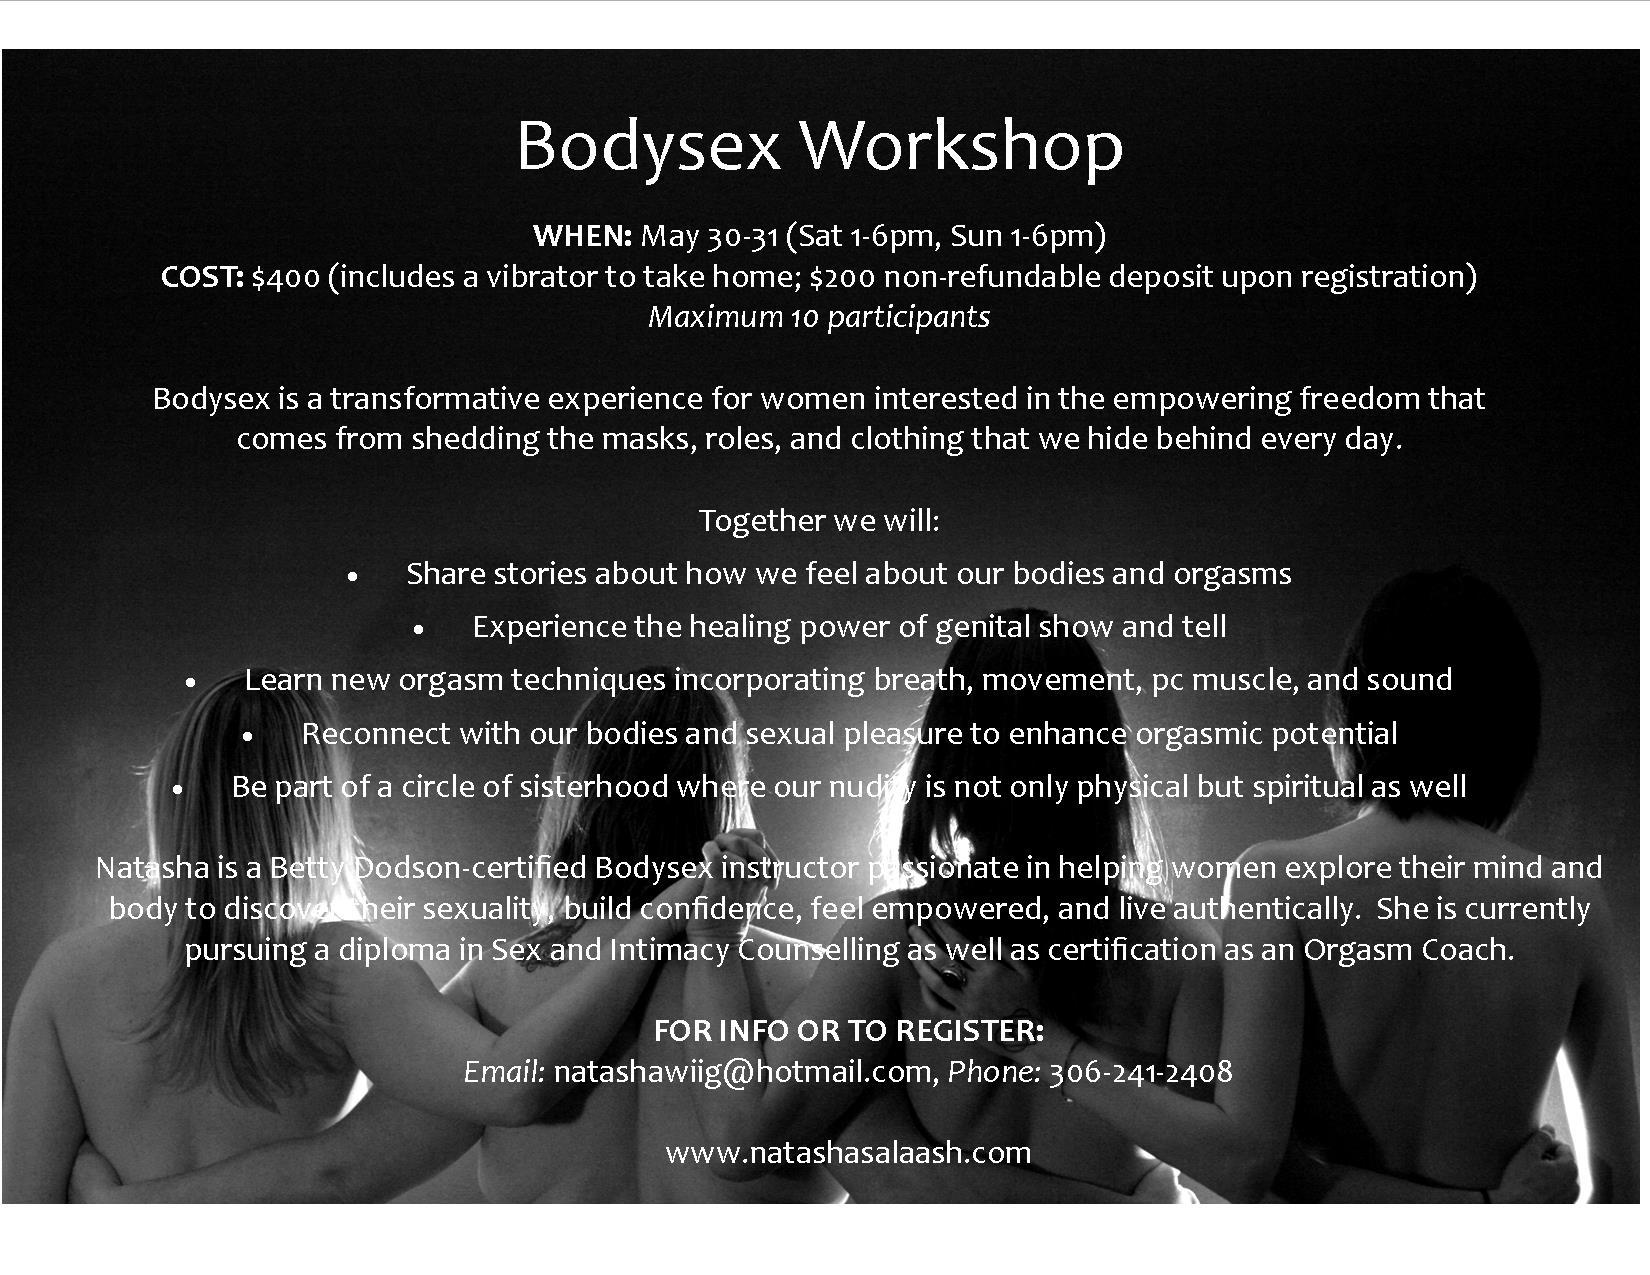 Bodysex 9March2015